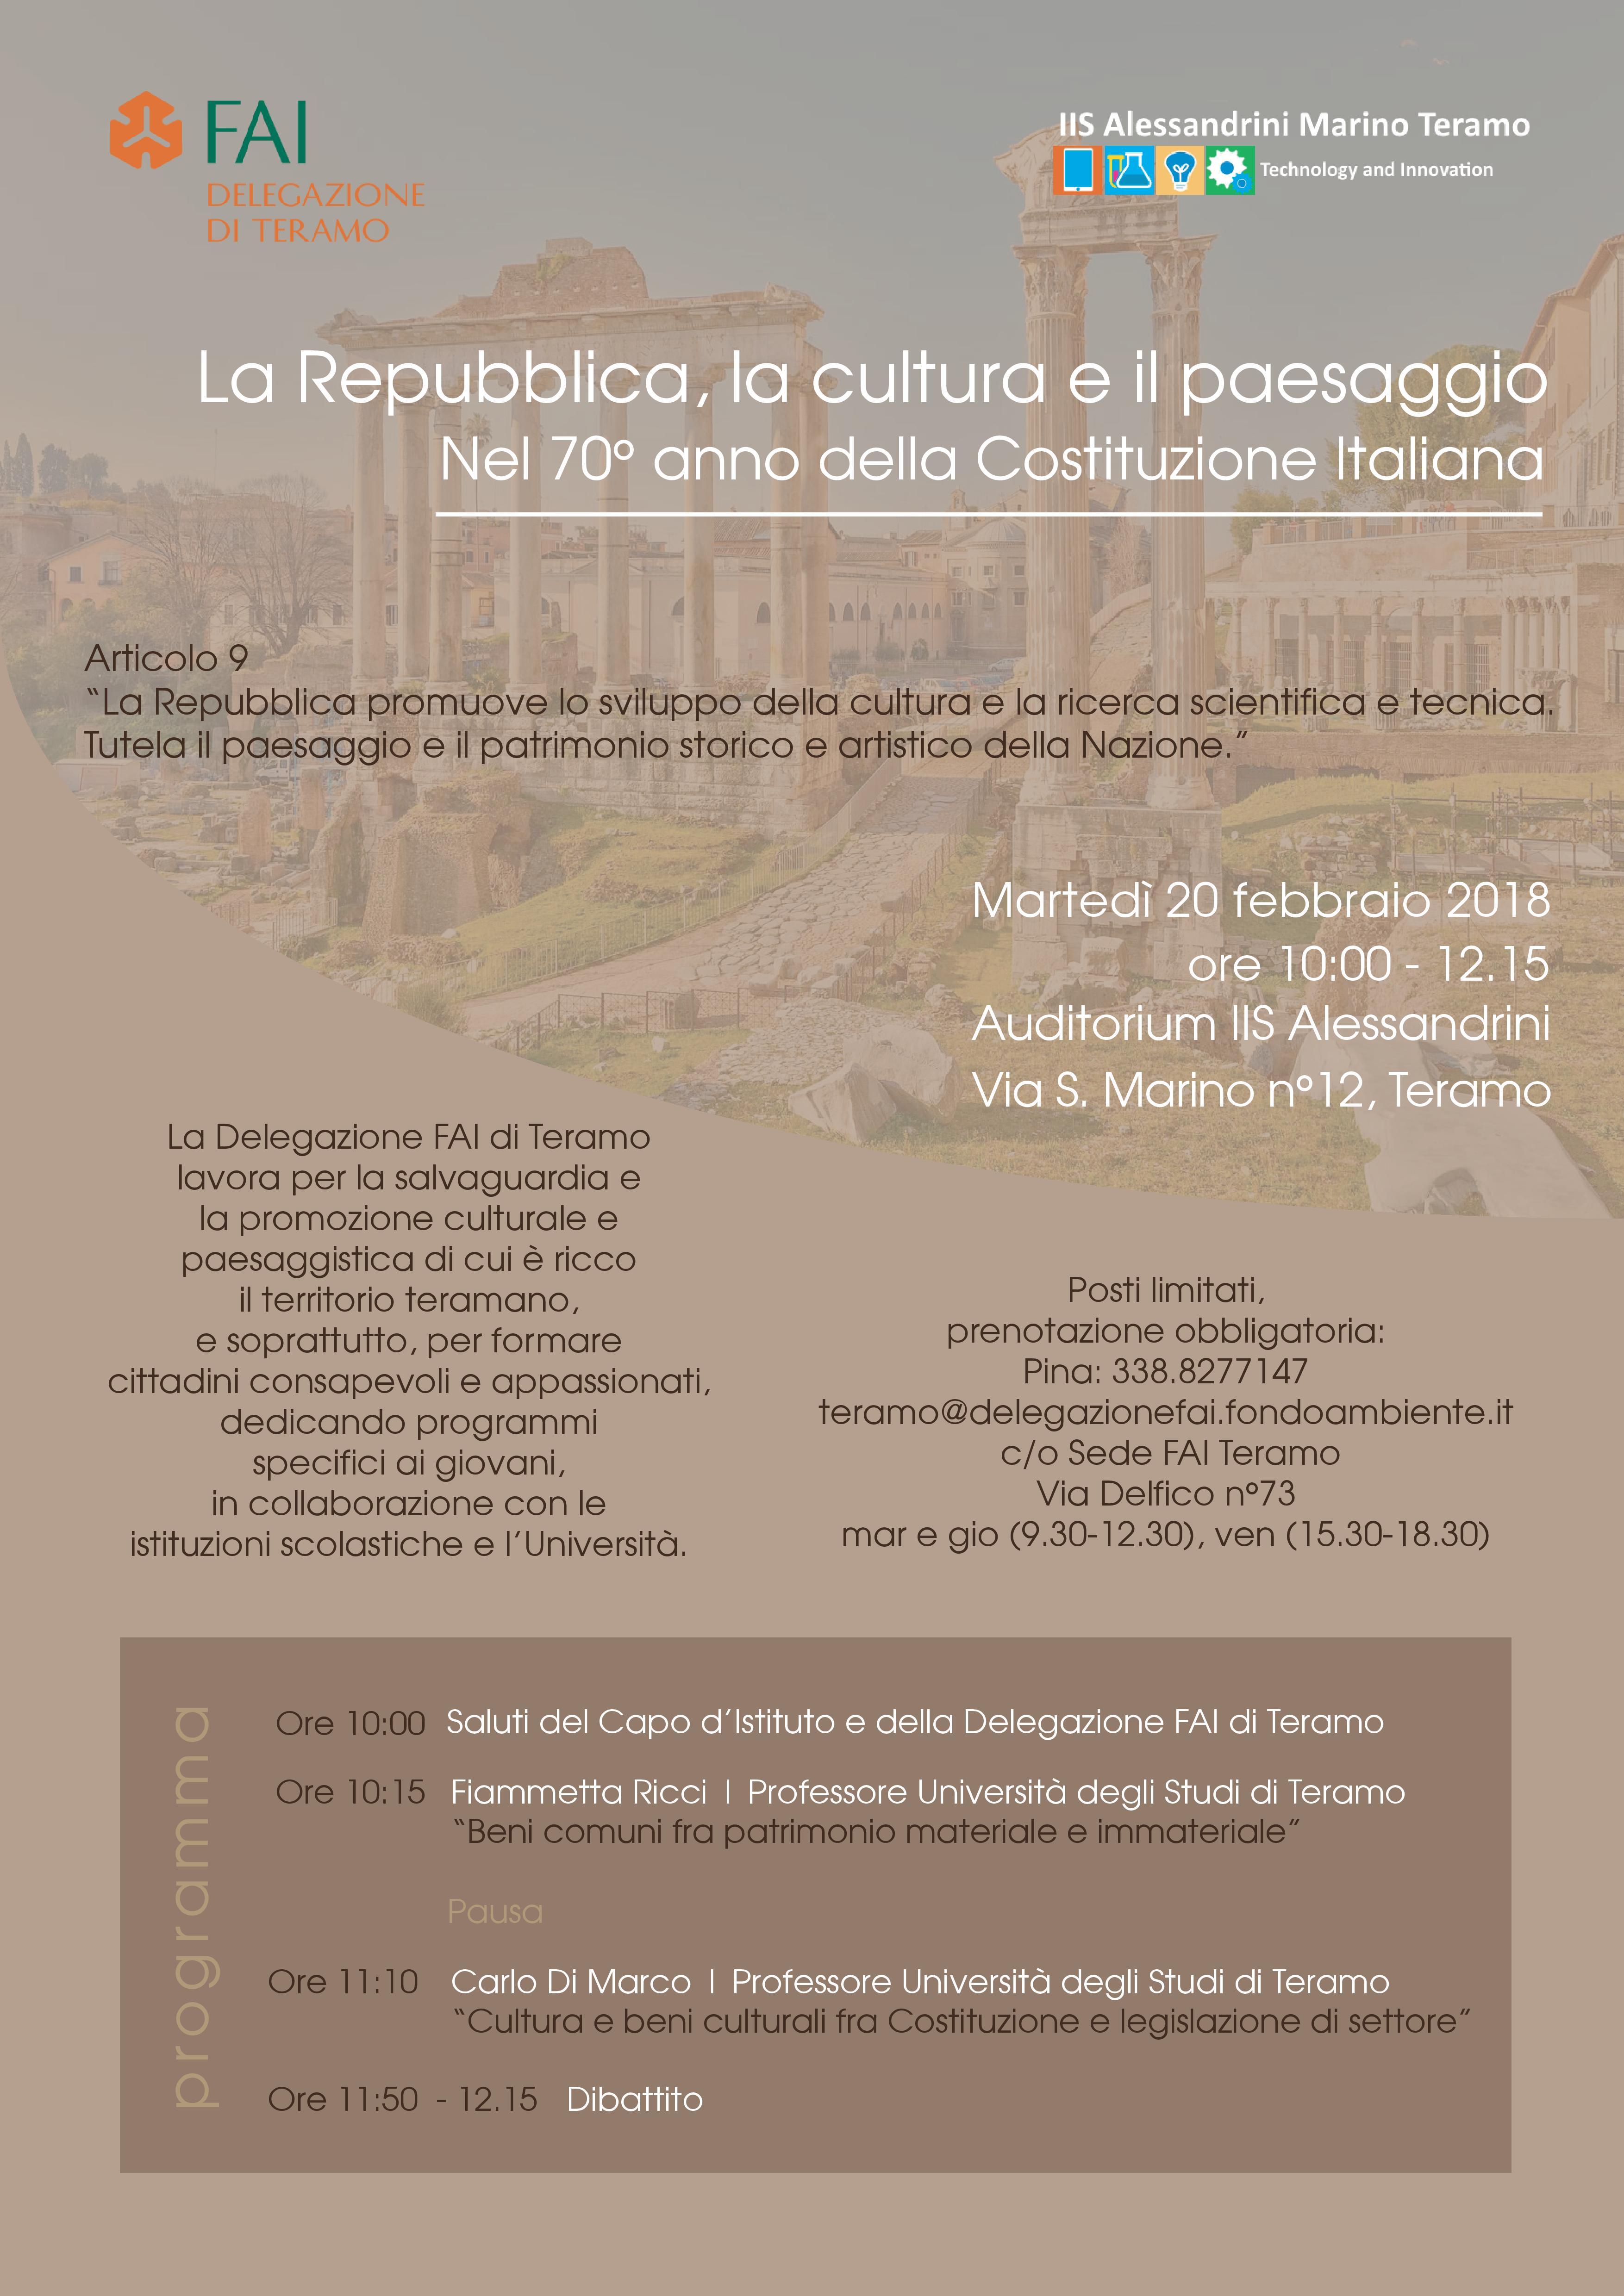 Teramo : La Repubblica, la cultura e il paesaggio Nel 70° anno della Costituzione Italiana